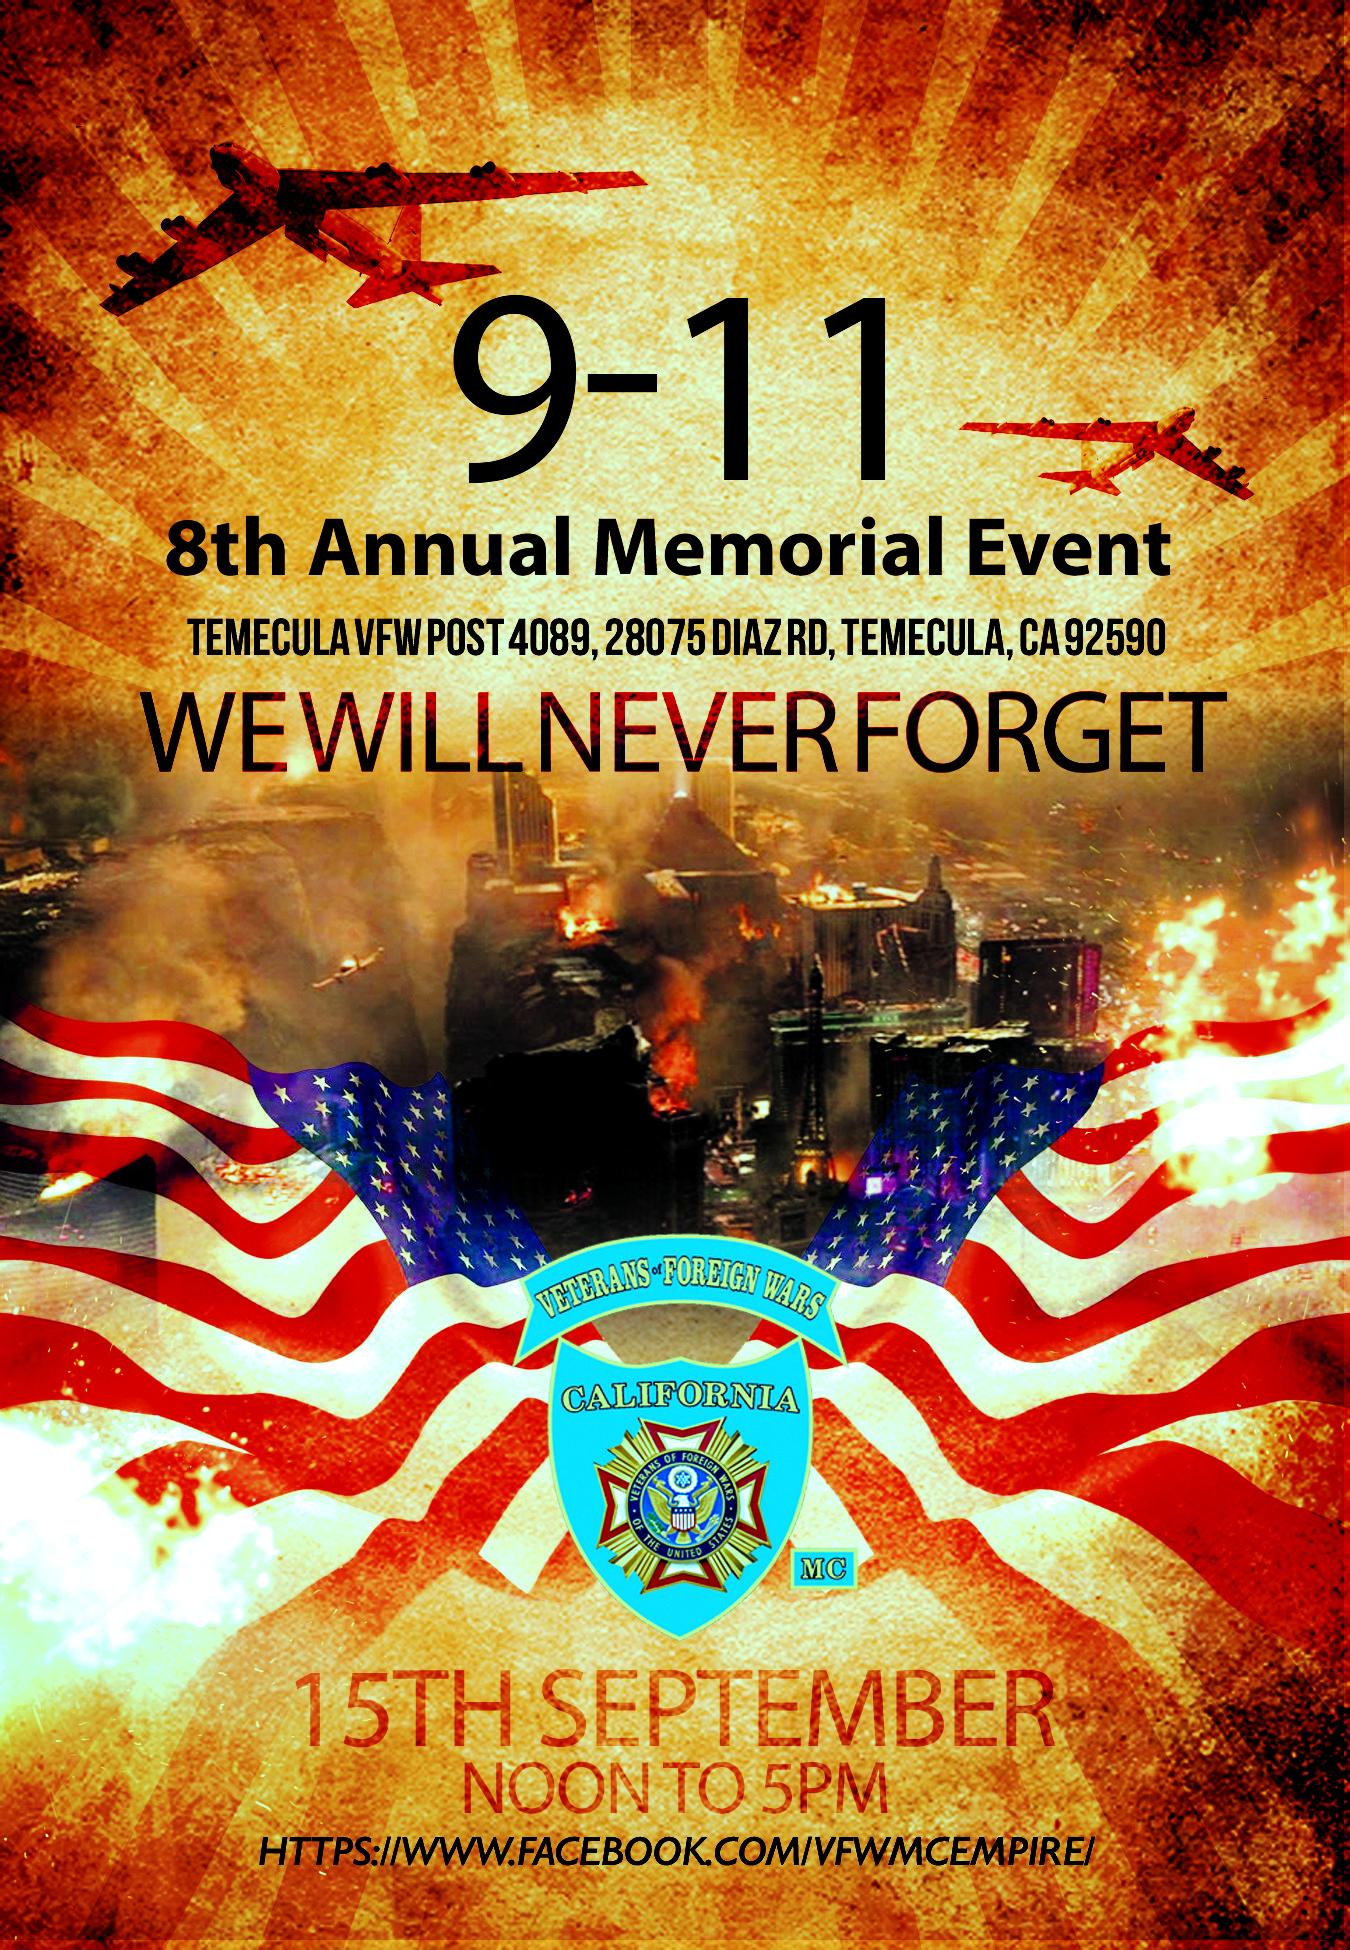 9-11 Memorial Event